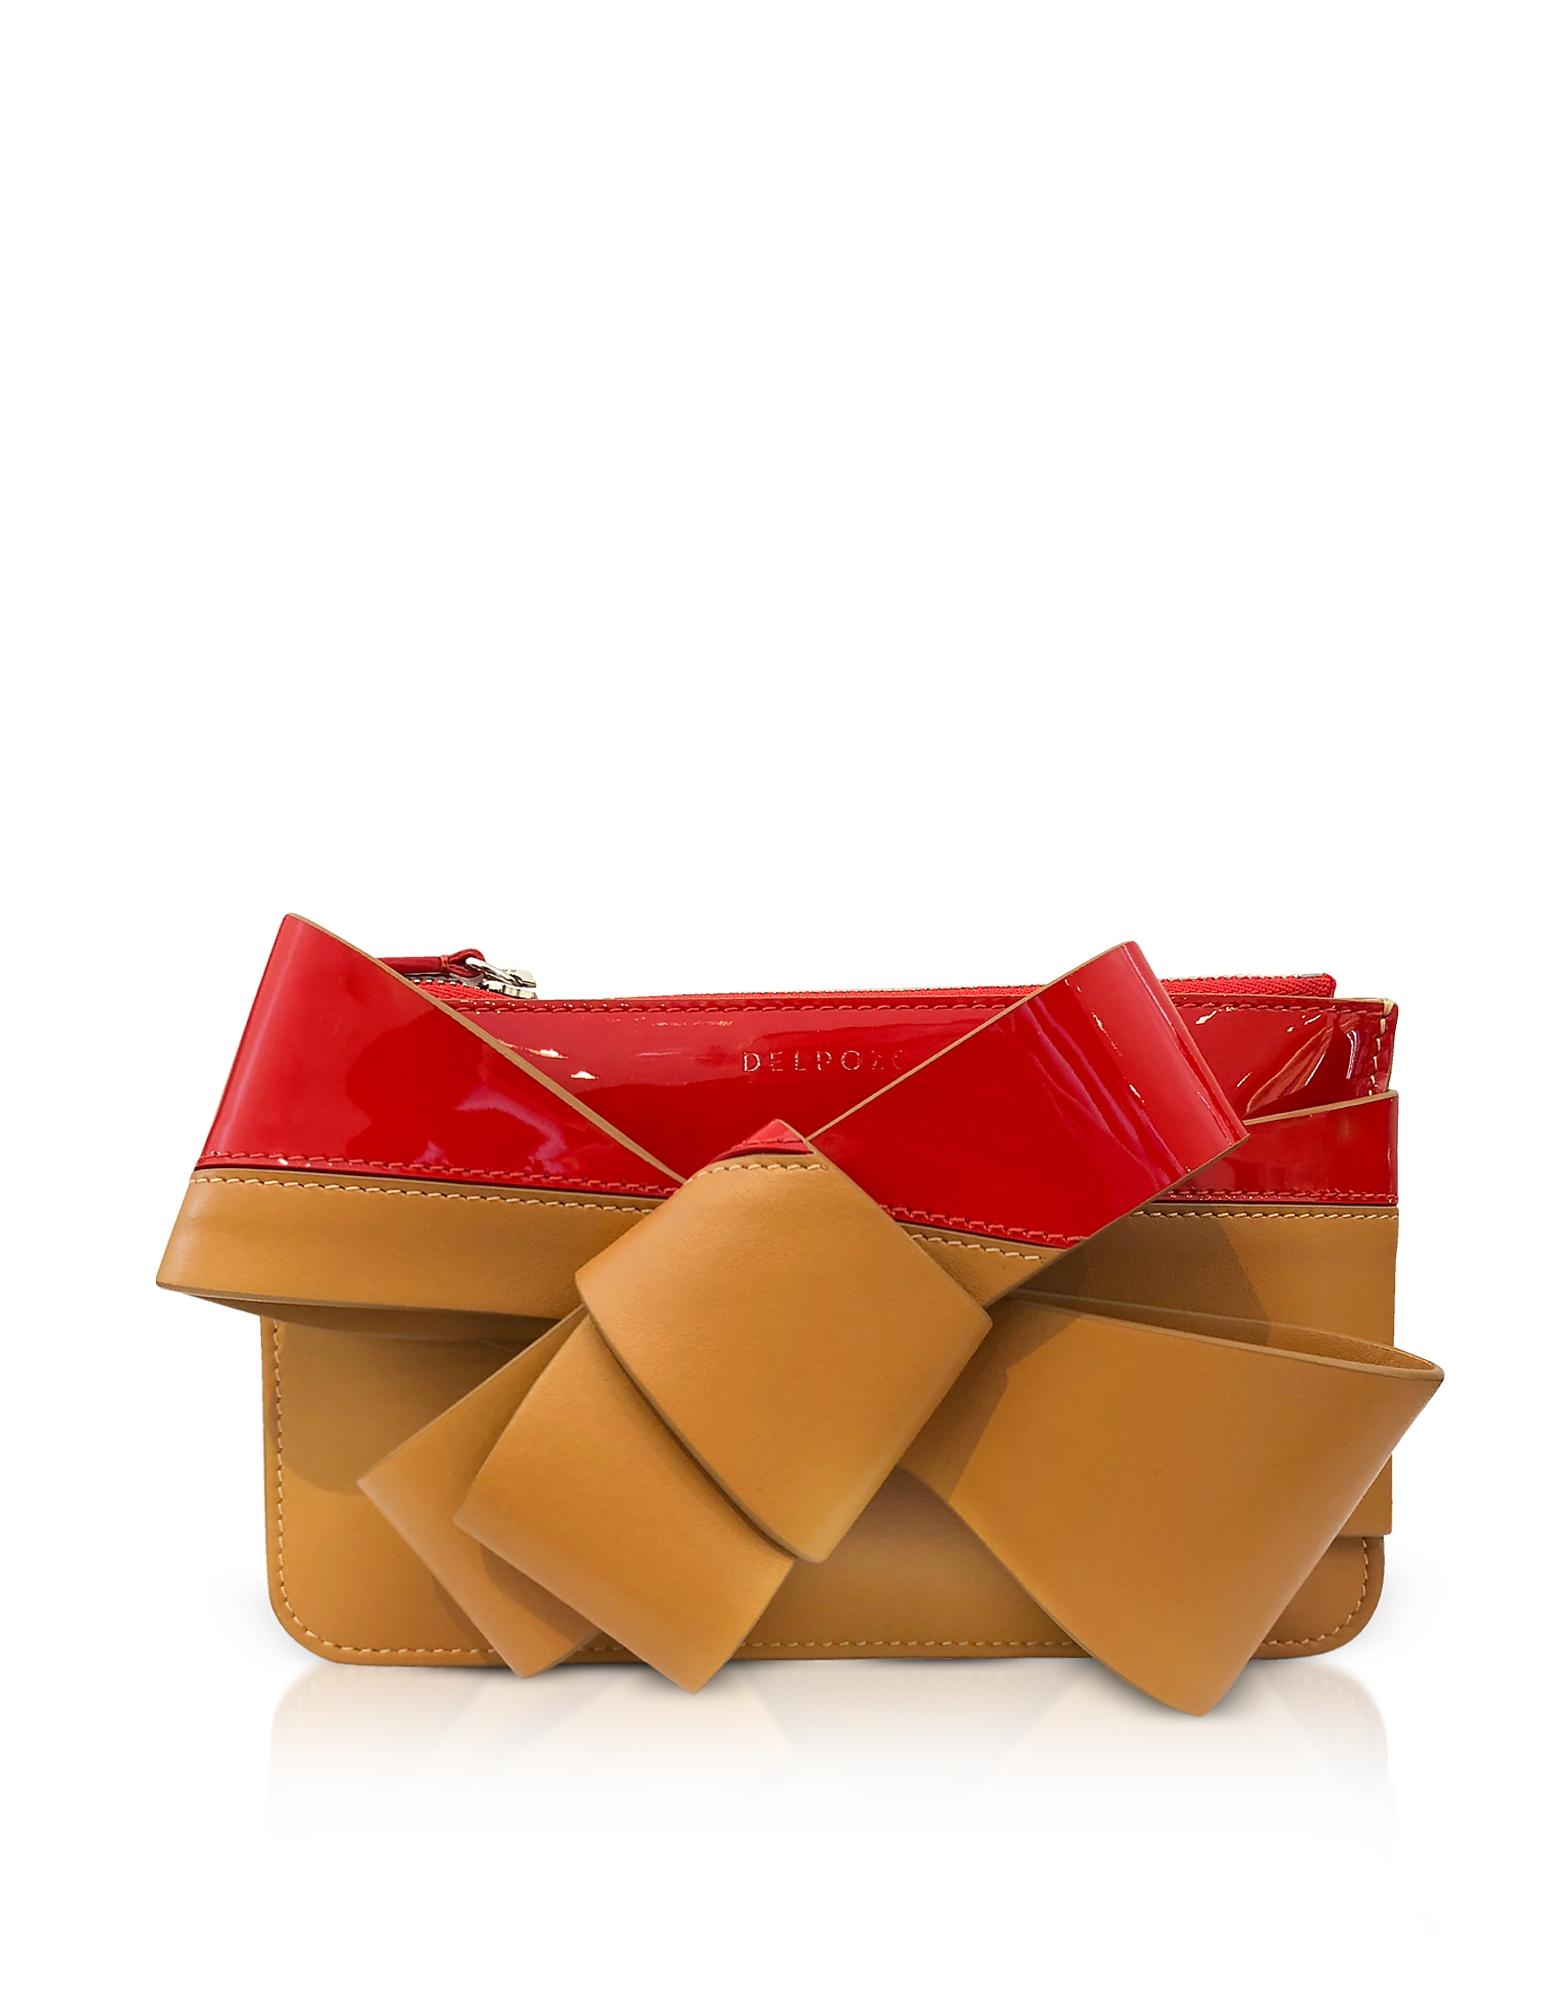 Delpozo Handbags, Striped Leather Mini Bow Clutch